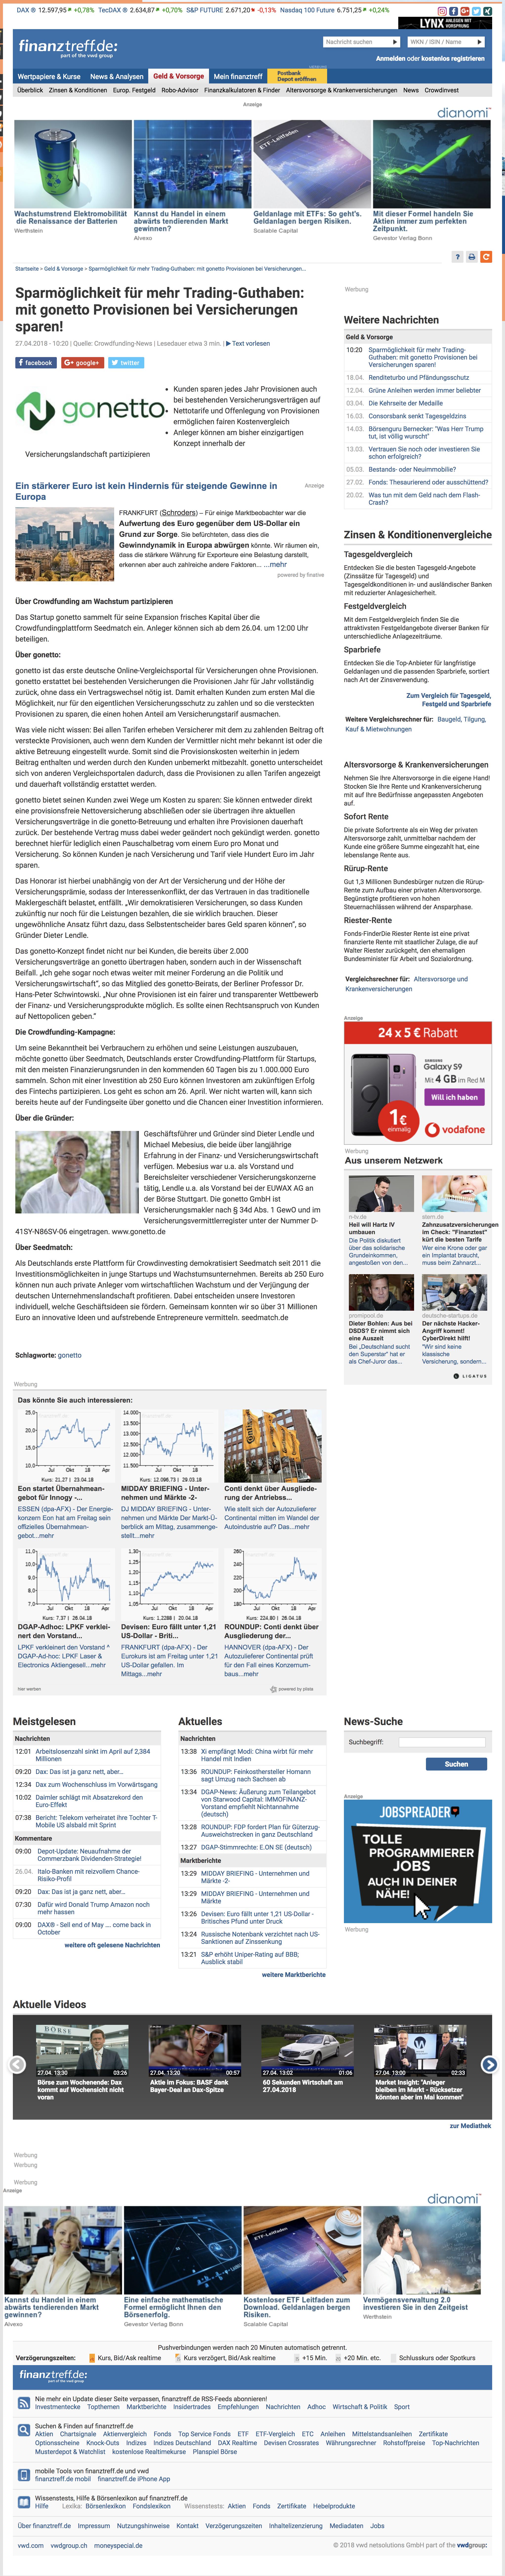 gonetto Presse-Clipping: Sparmöglichkeit für mehr Trading-Guthaben: mit gonetto Provisionen bei Versicherungen sparen!